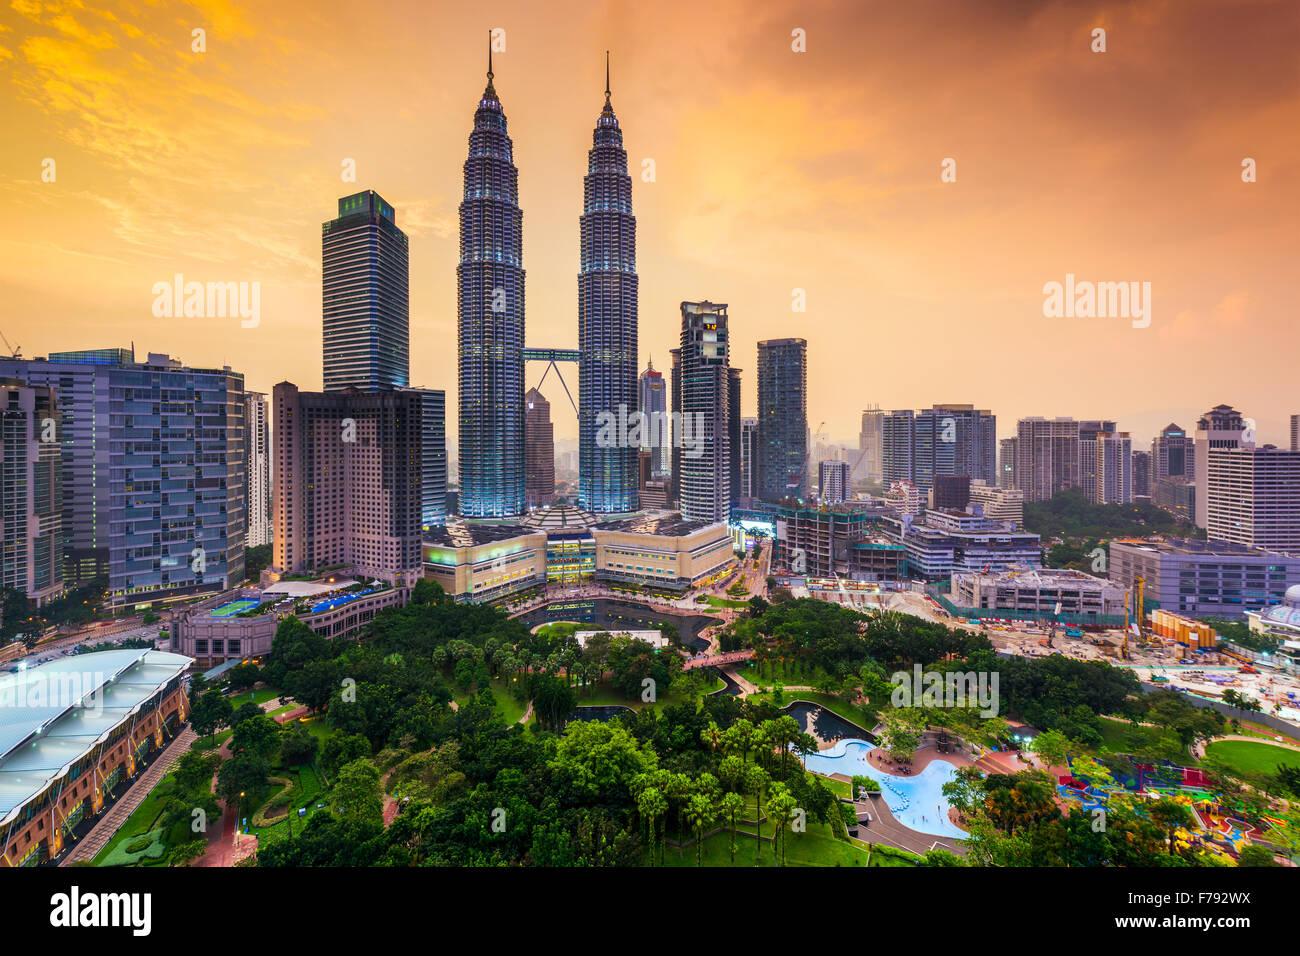 Kuala Lumpur, Malesia skyline. Immagini Stock